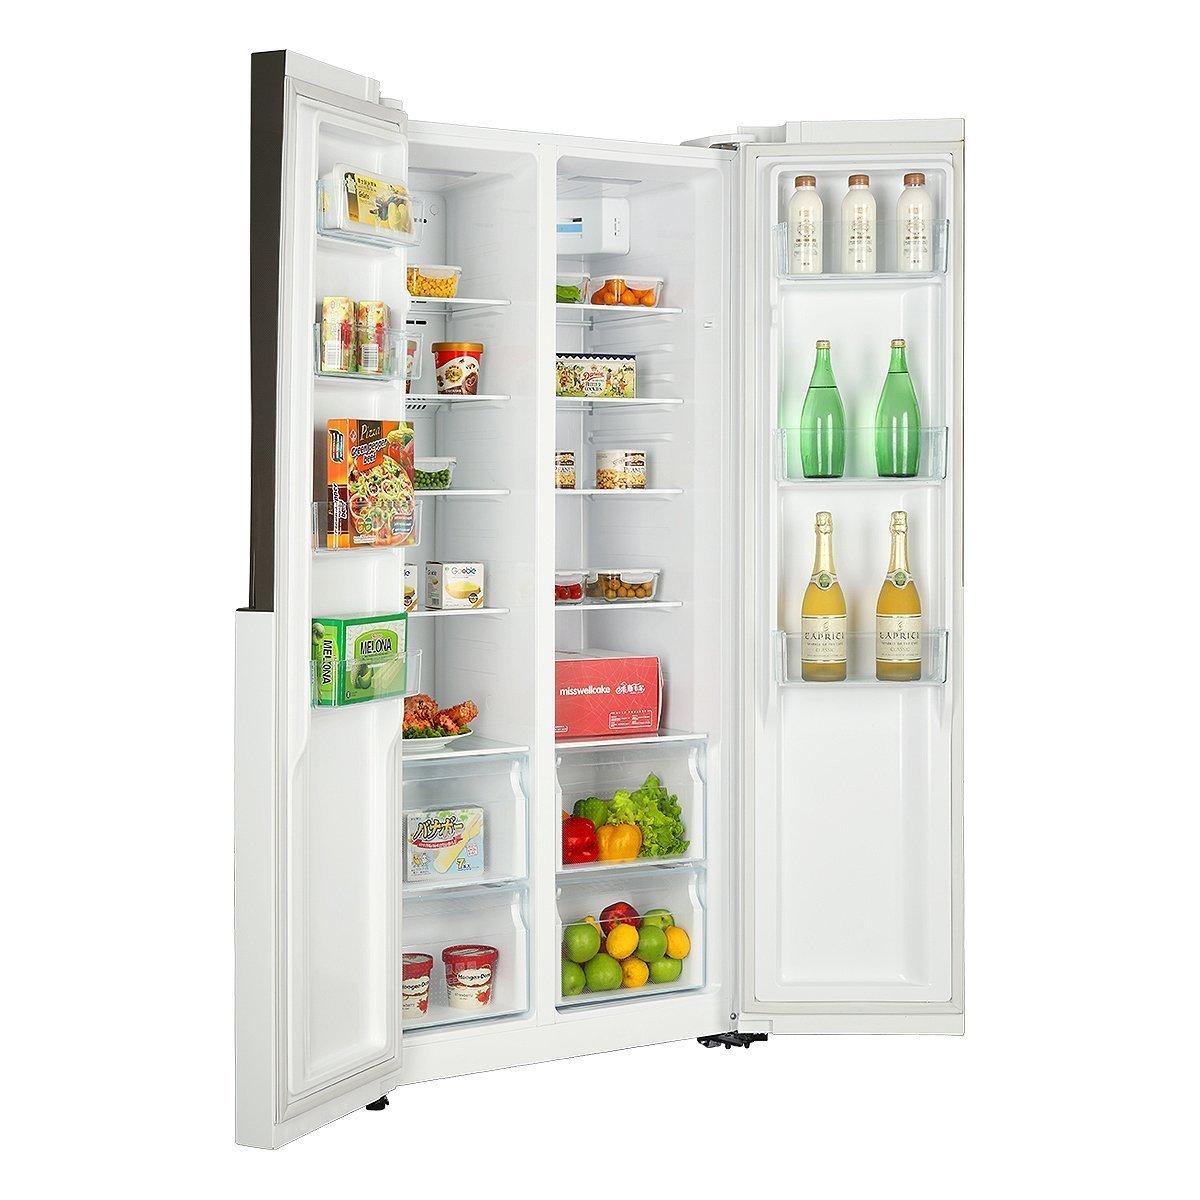 Điện gia dụng chính hãng   Hale 452wdpf Hale BCD - 452 lít phải mở cửa tủ lạnh không có kem.